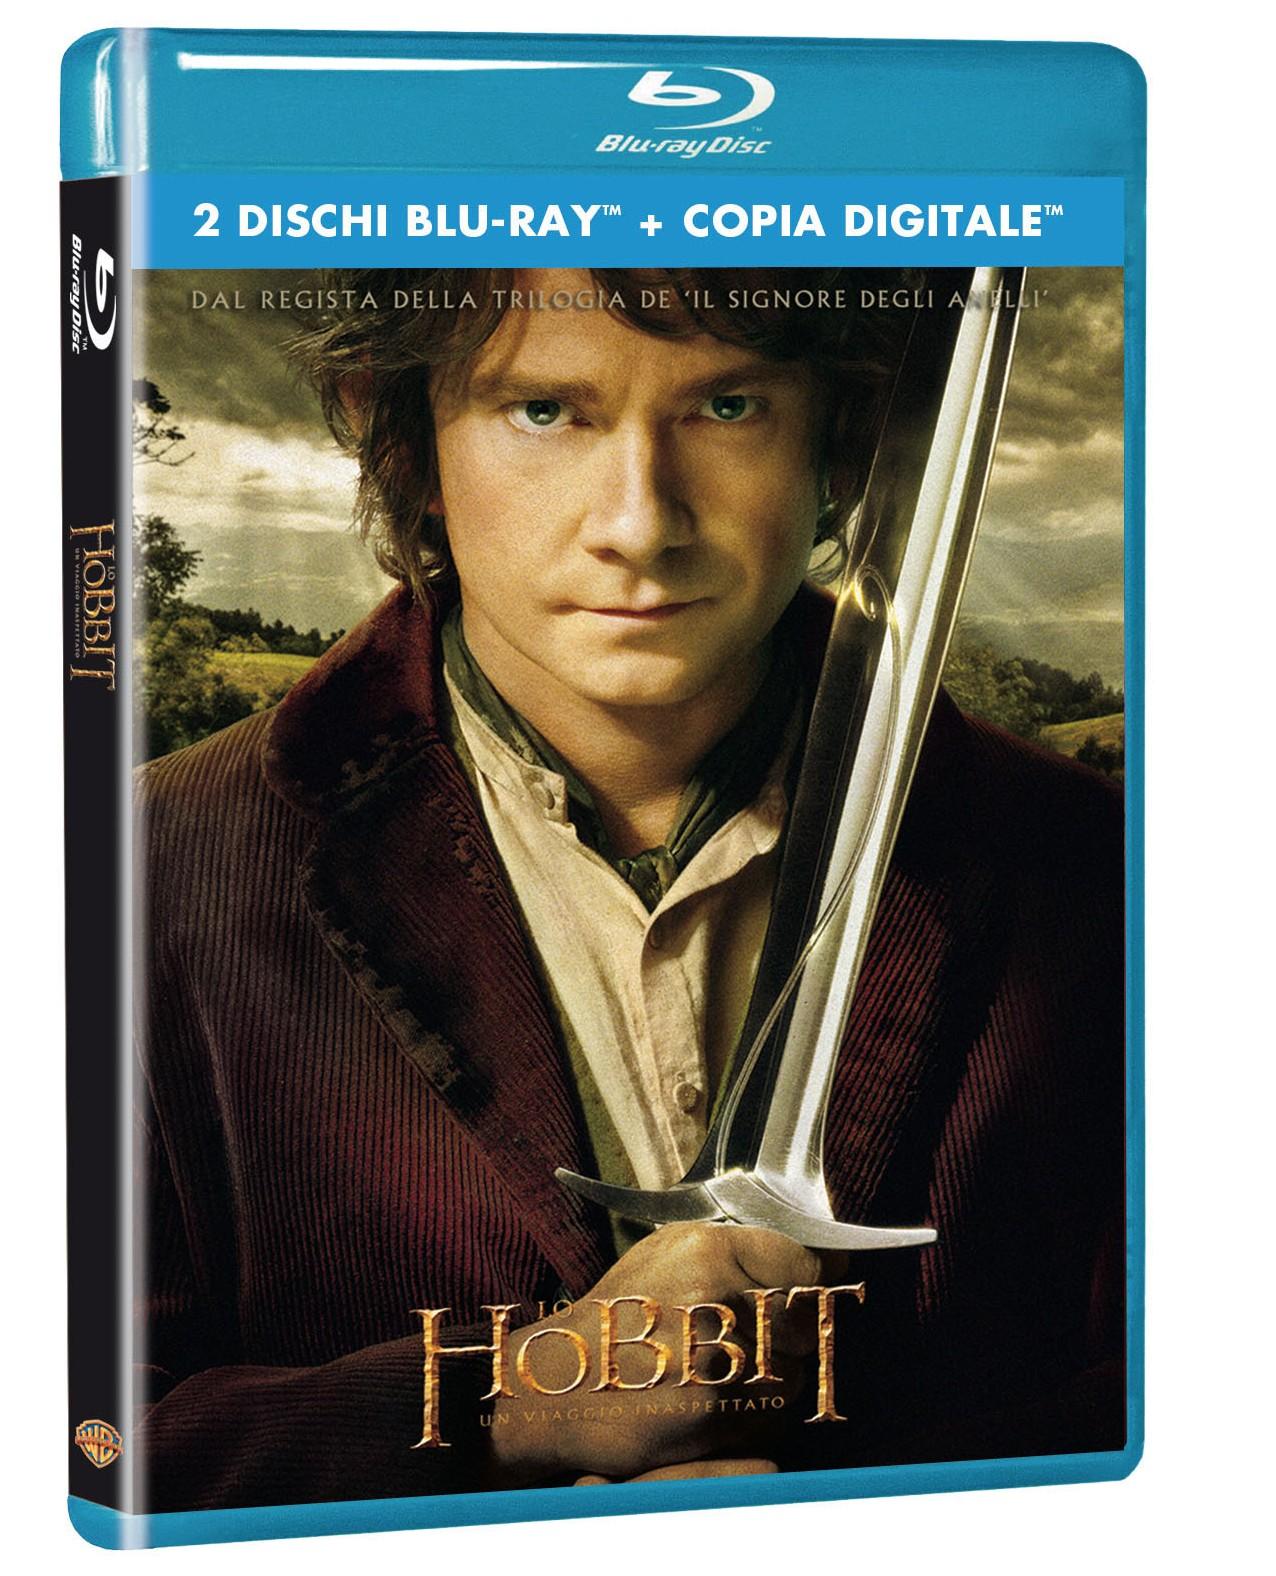 hobbit viaggio inaspettato blu-ray